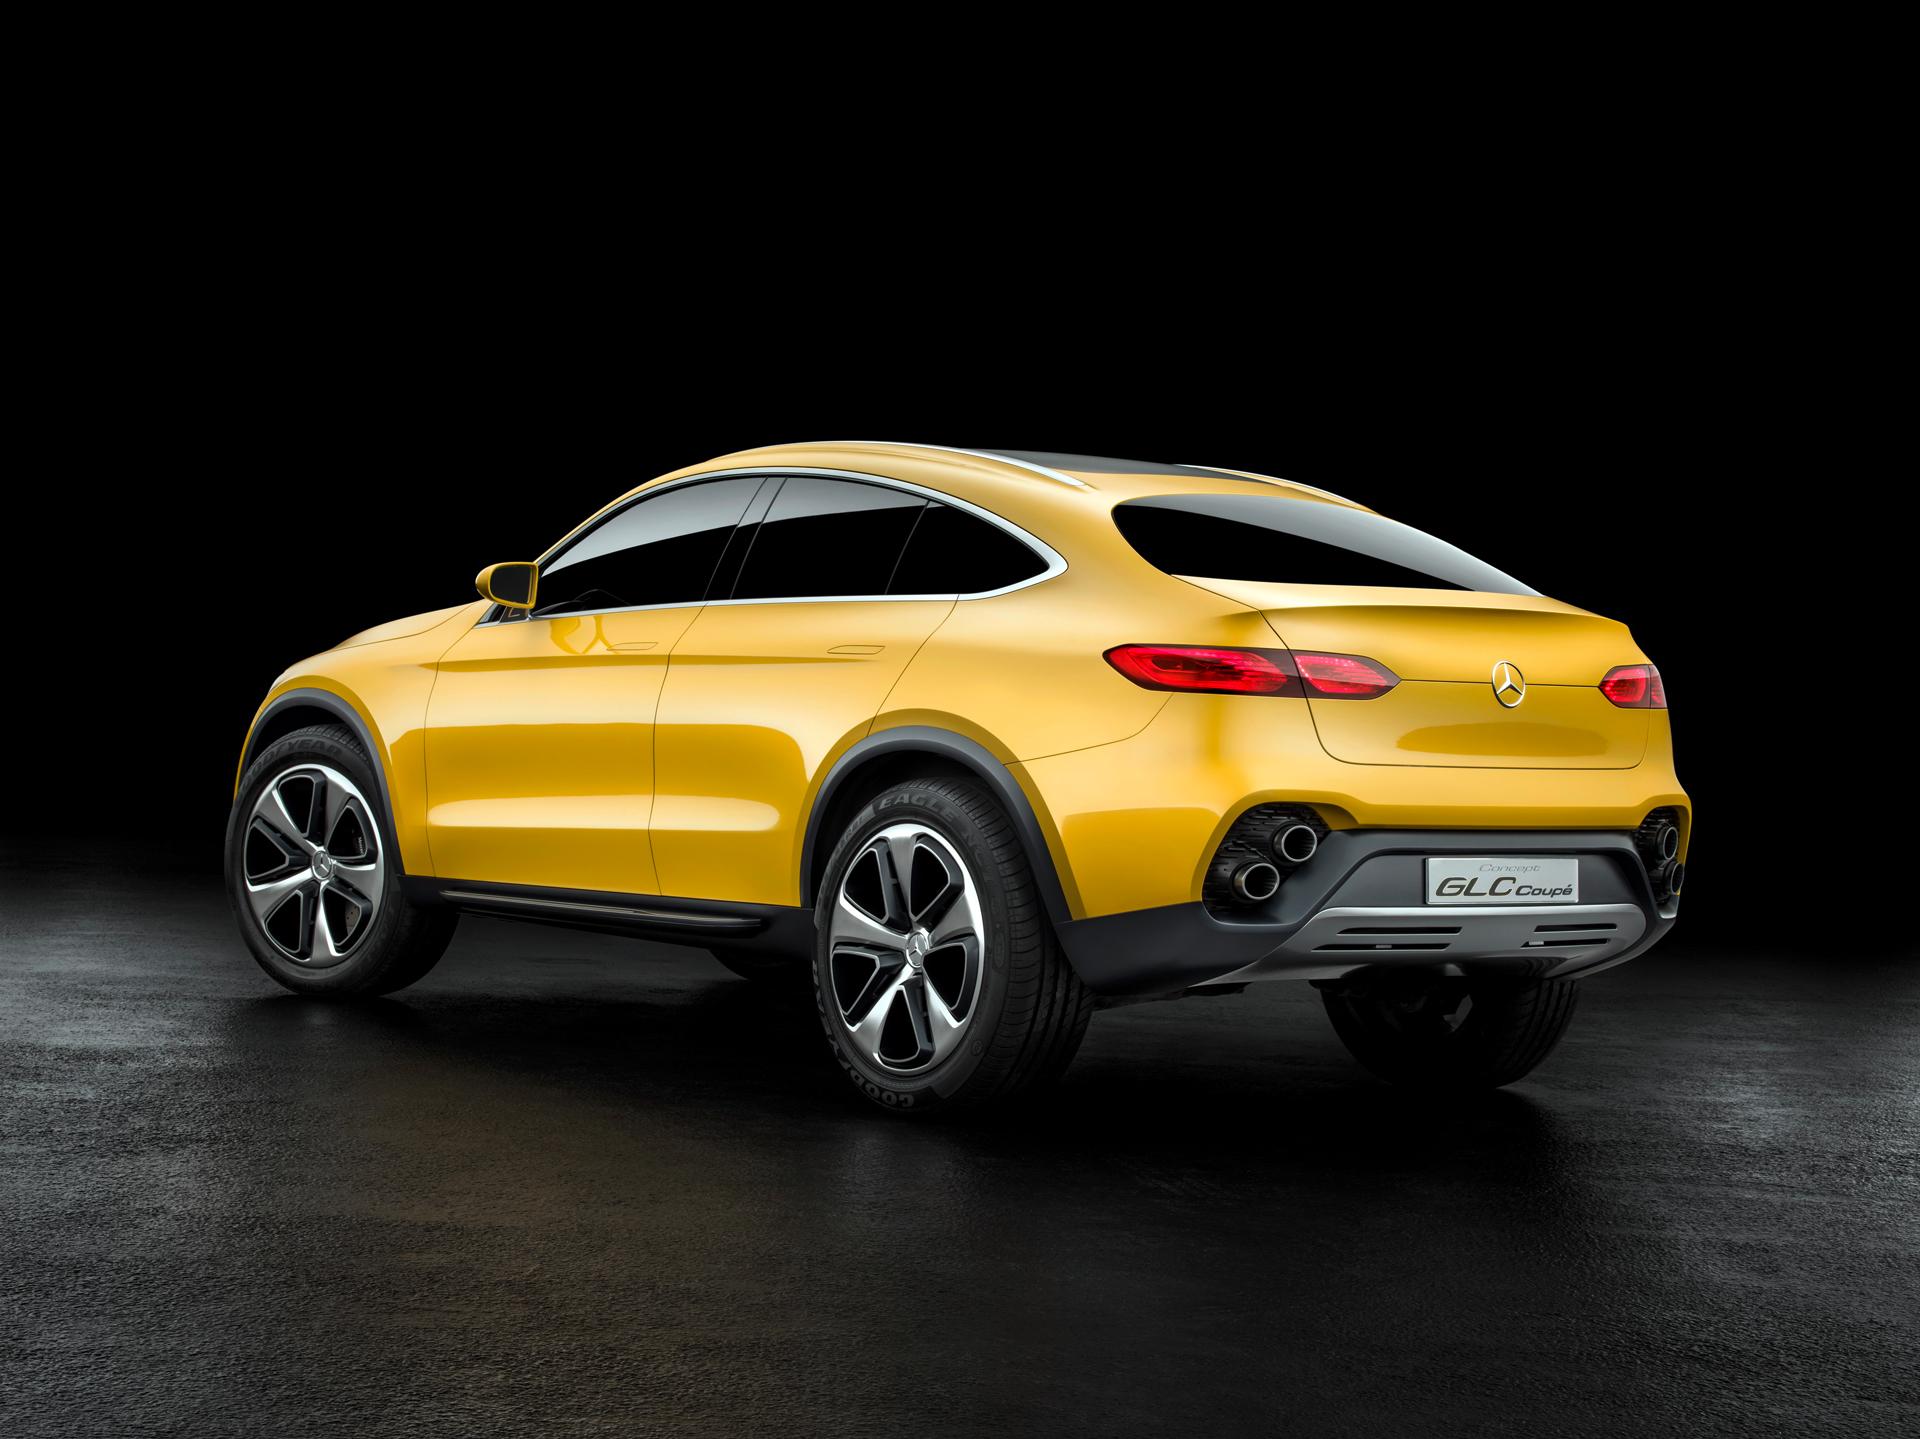 Mercedes-Benz Concept GLC Coupe - arrière / rear